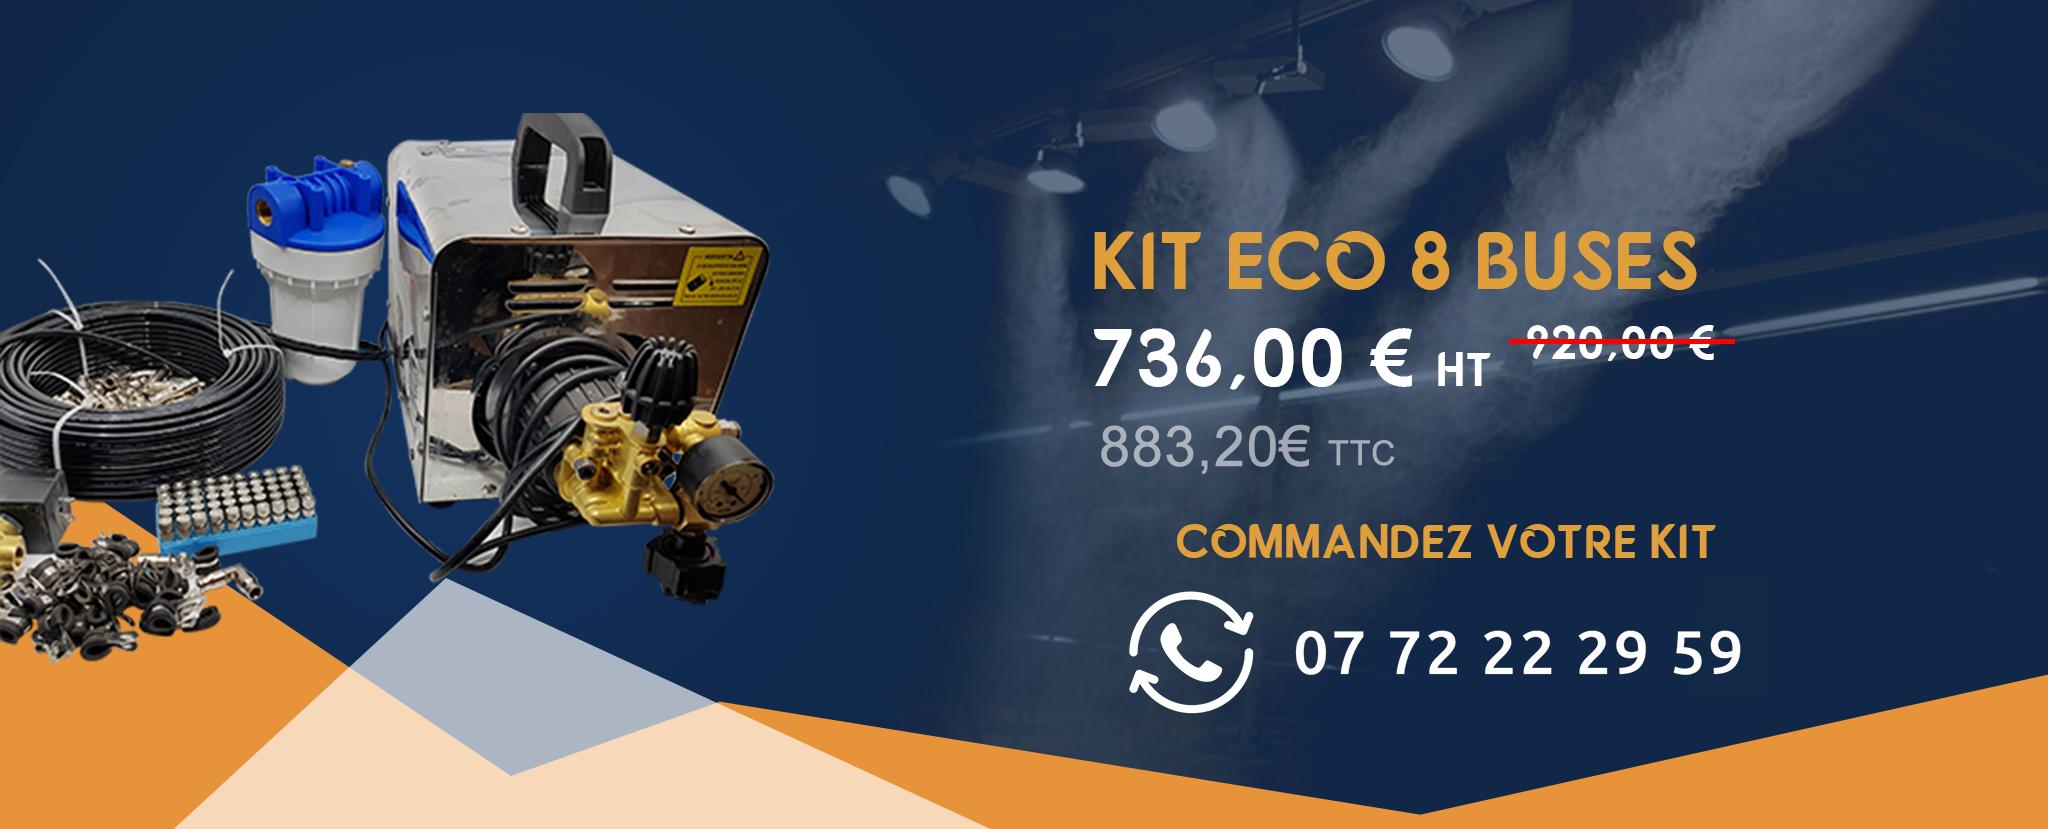 Kit-Eco-8-buses